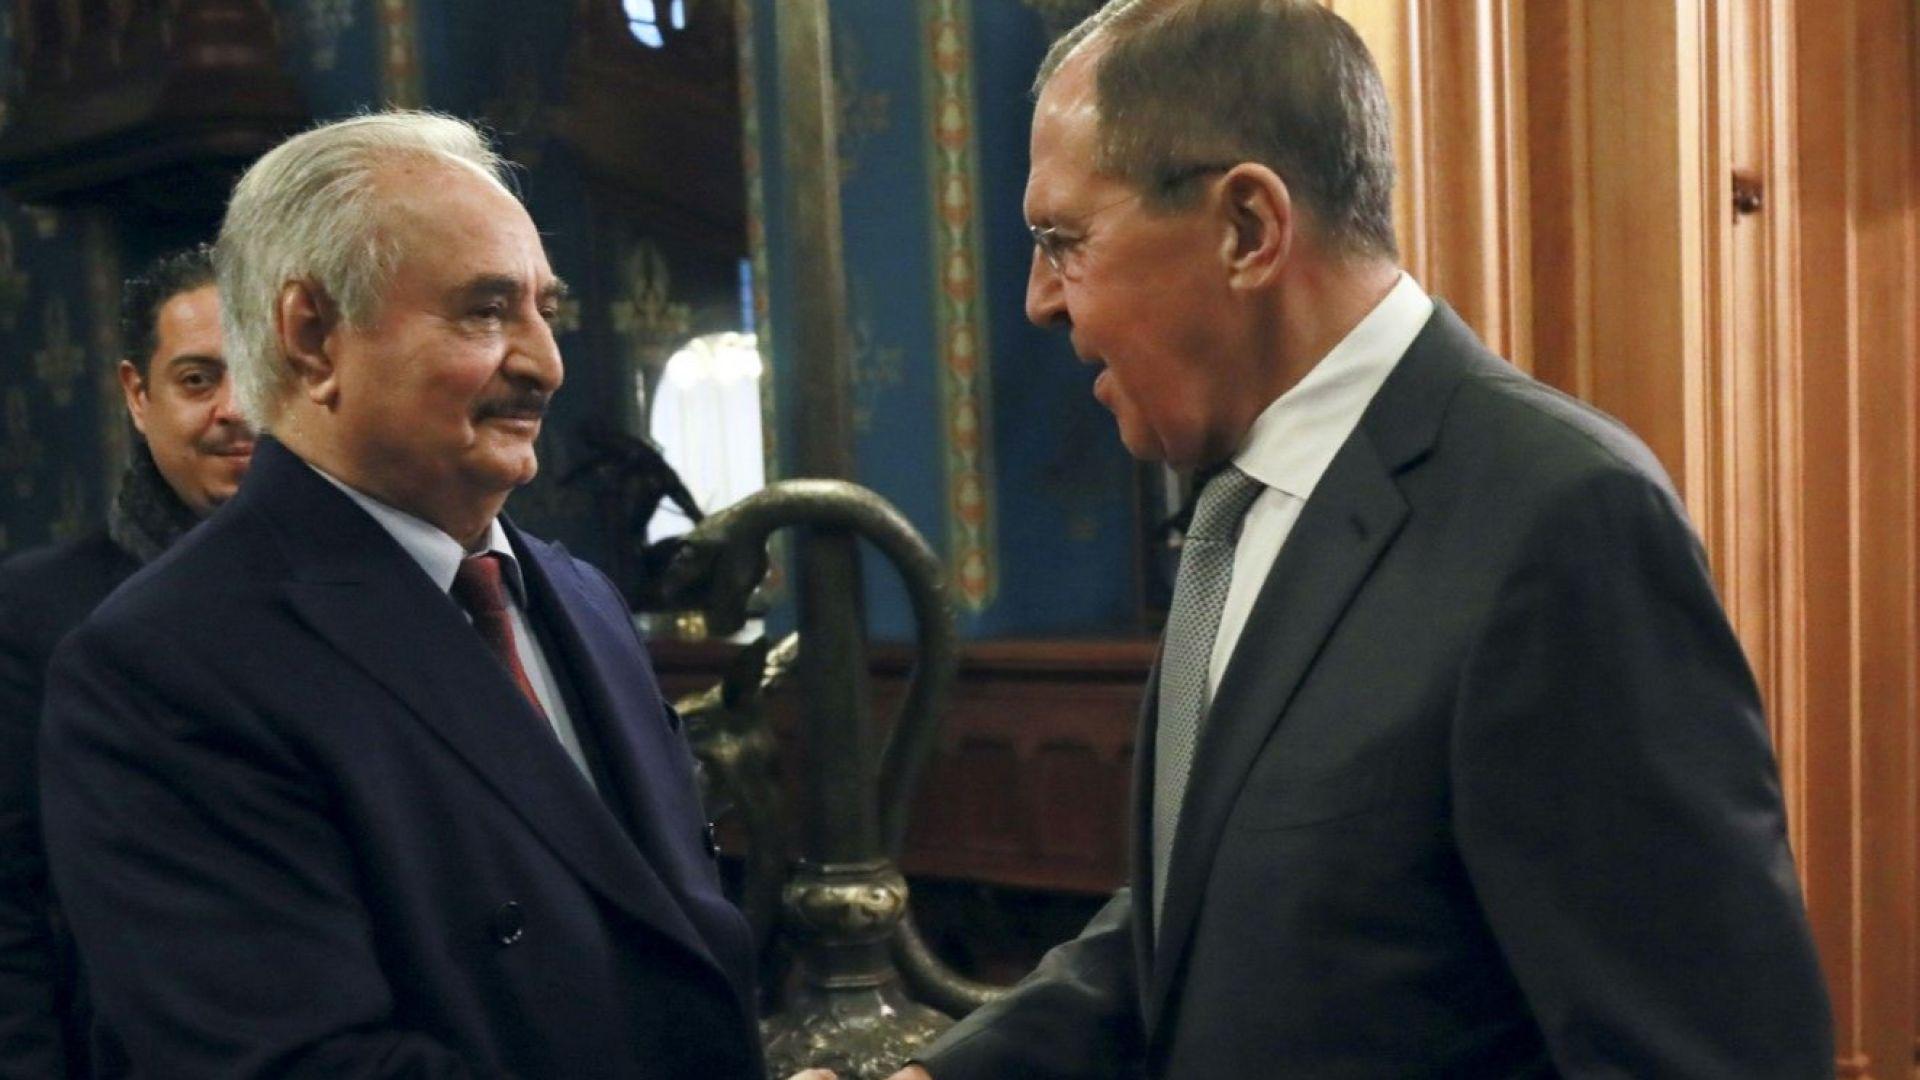 Фелдмаршал Хафтар обясни защо не е подписал споразумението за примирие в Либия